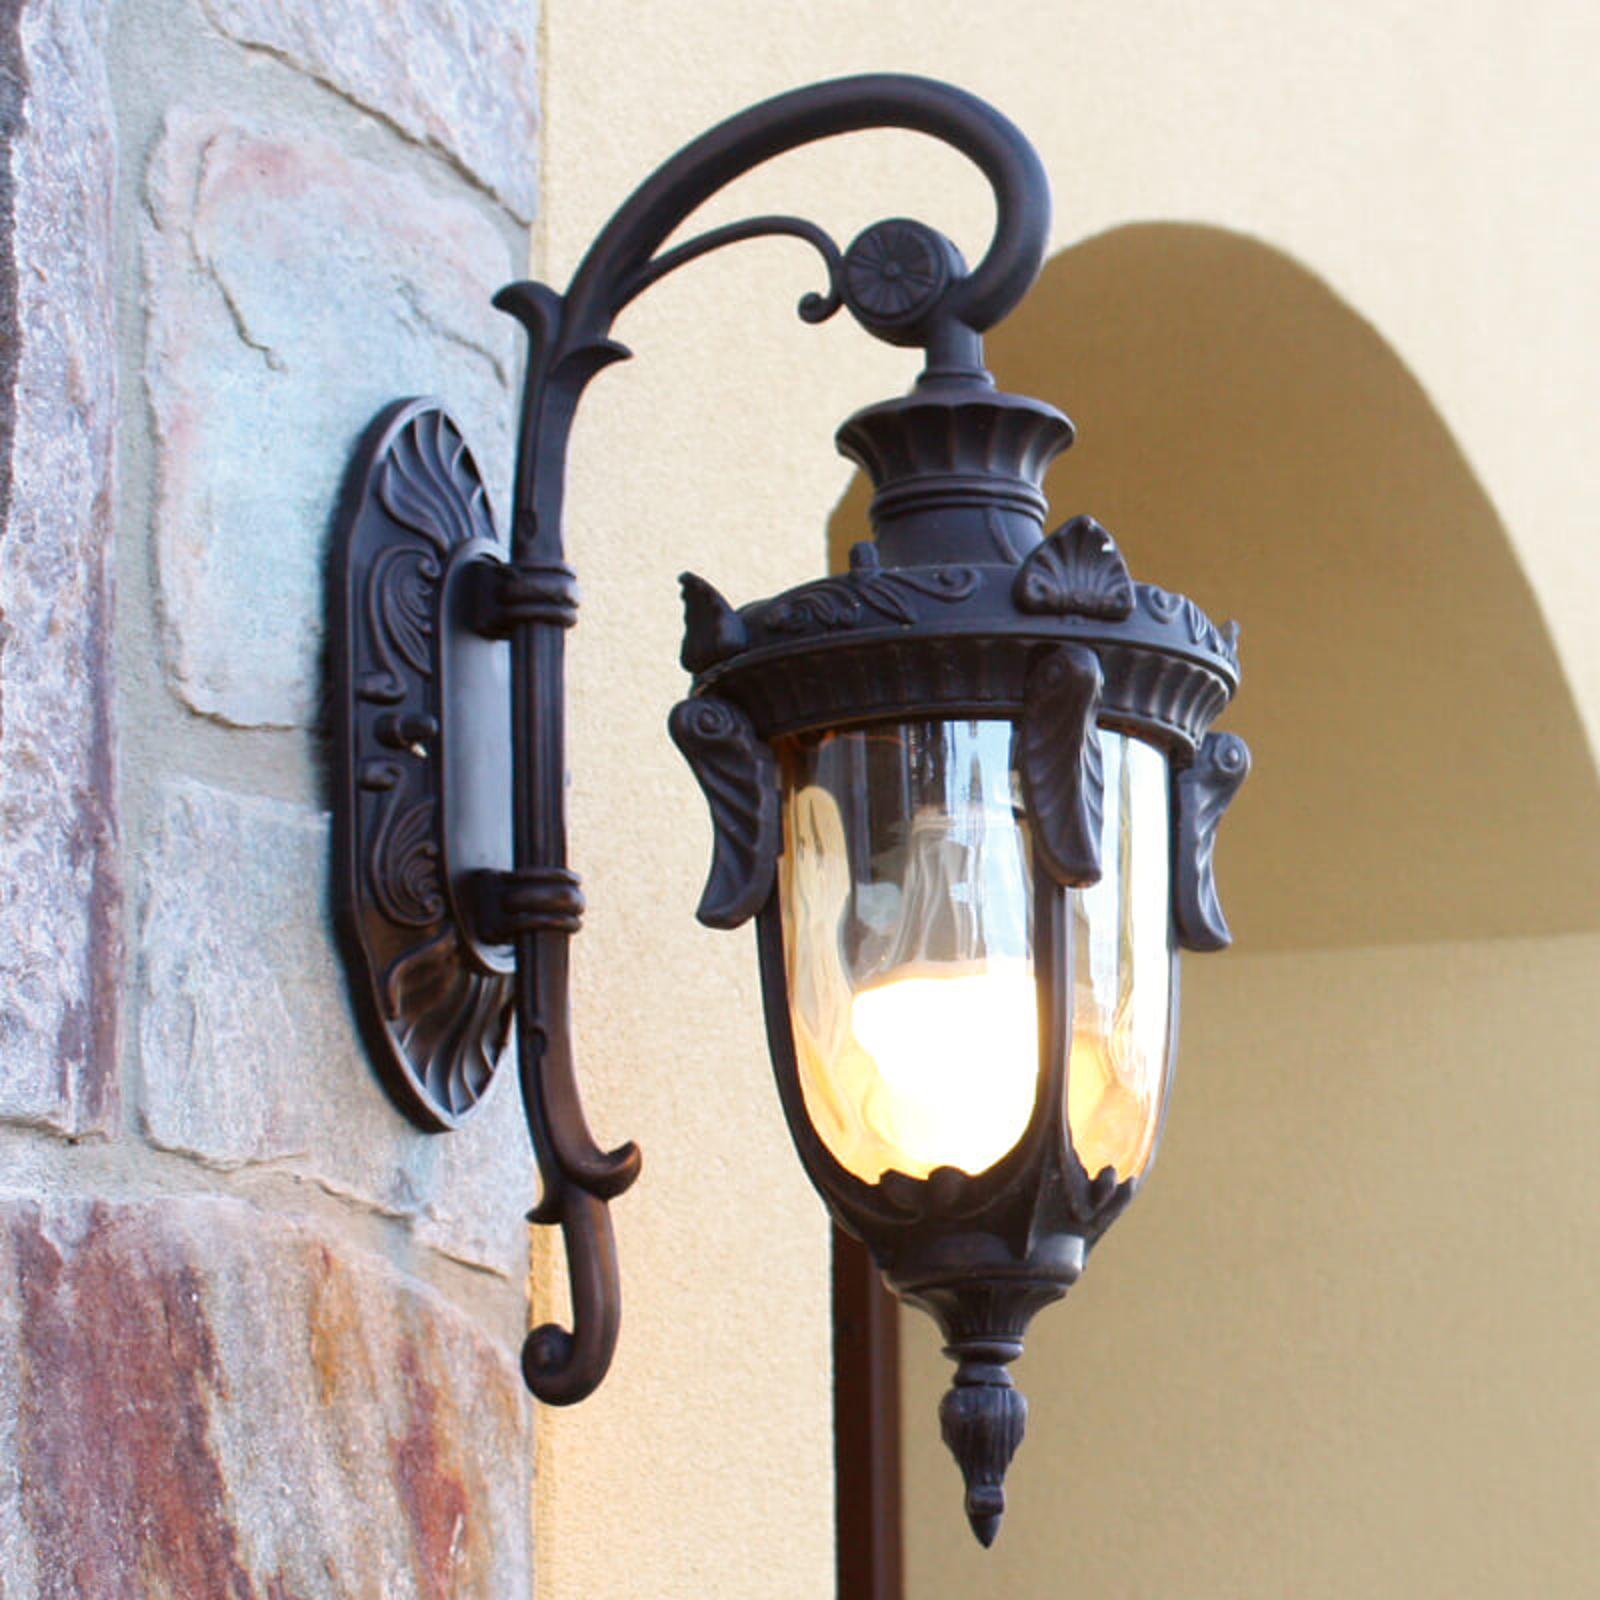 Lampa ścienna zewnętrzna PHILADELPHIA 43 cm